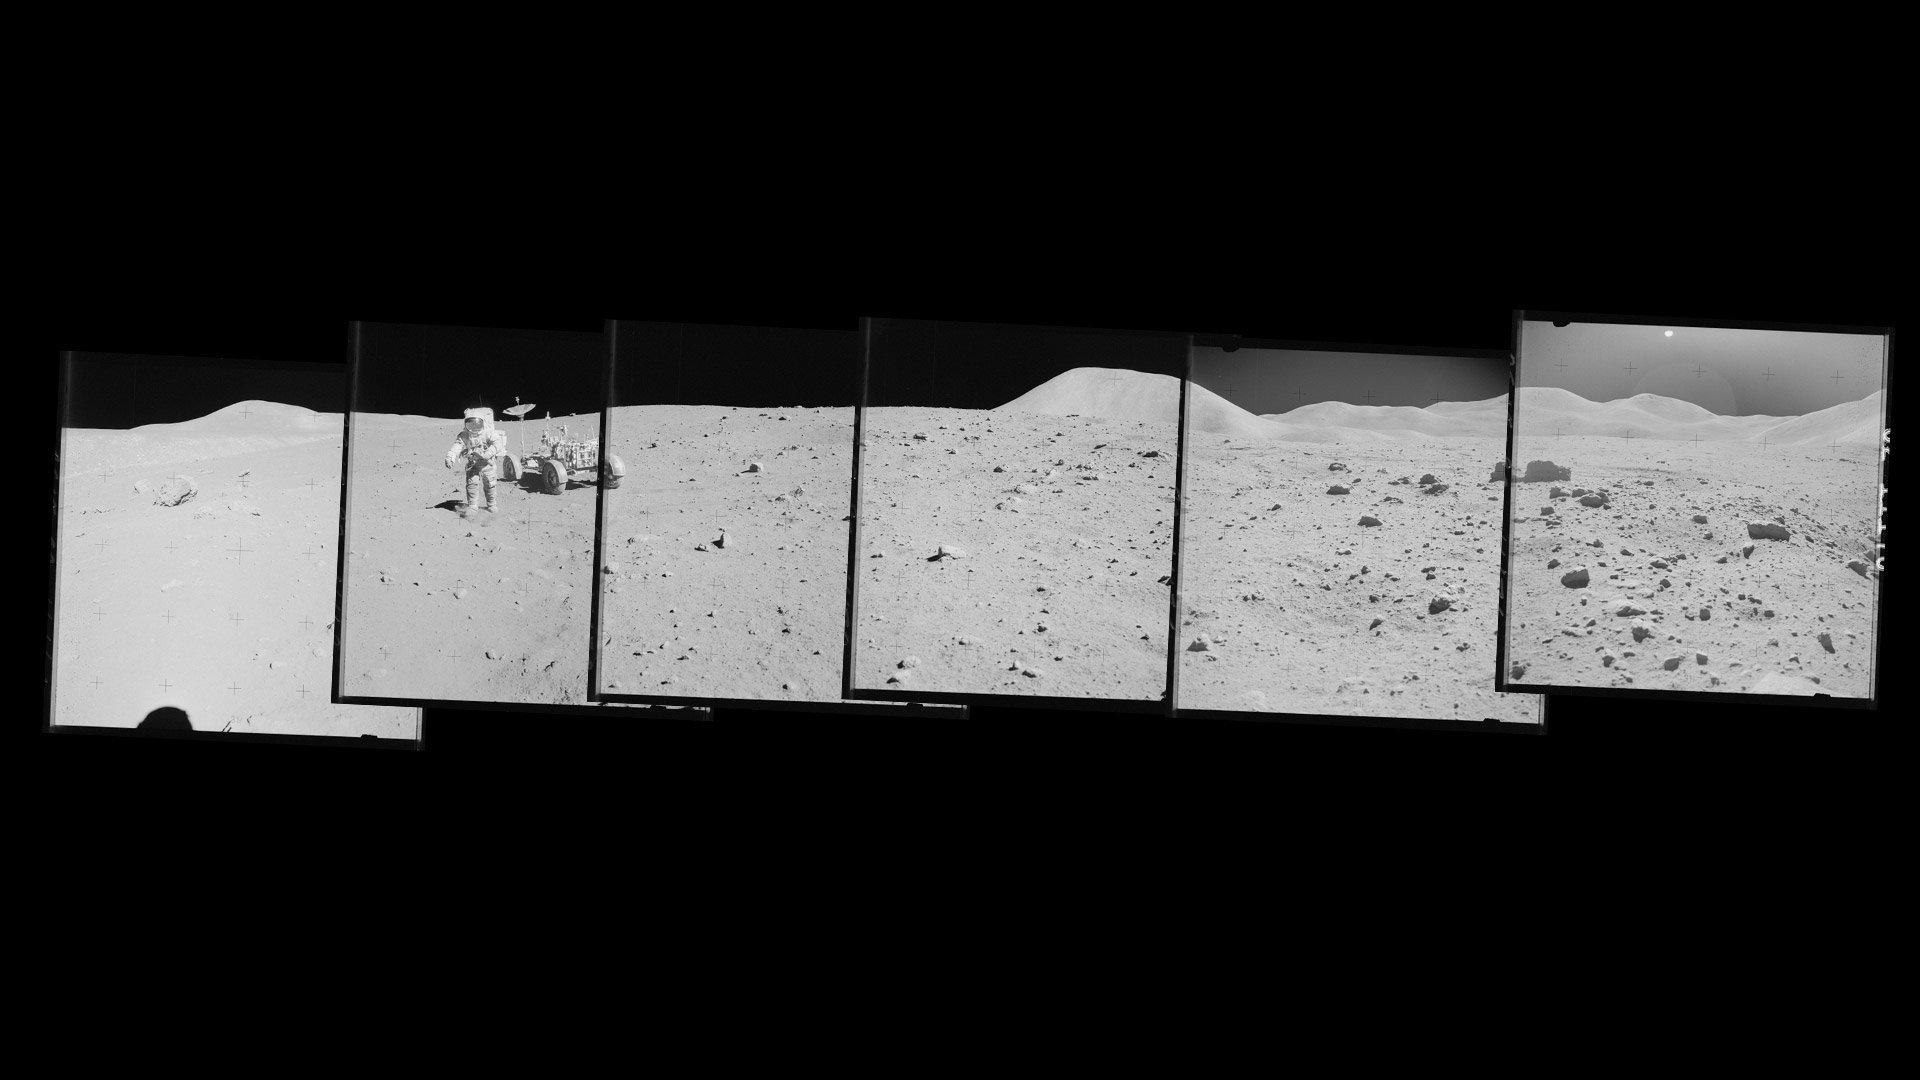 神秘月球探索之旅